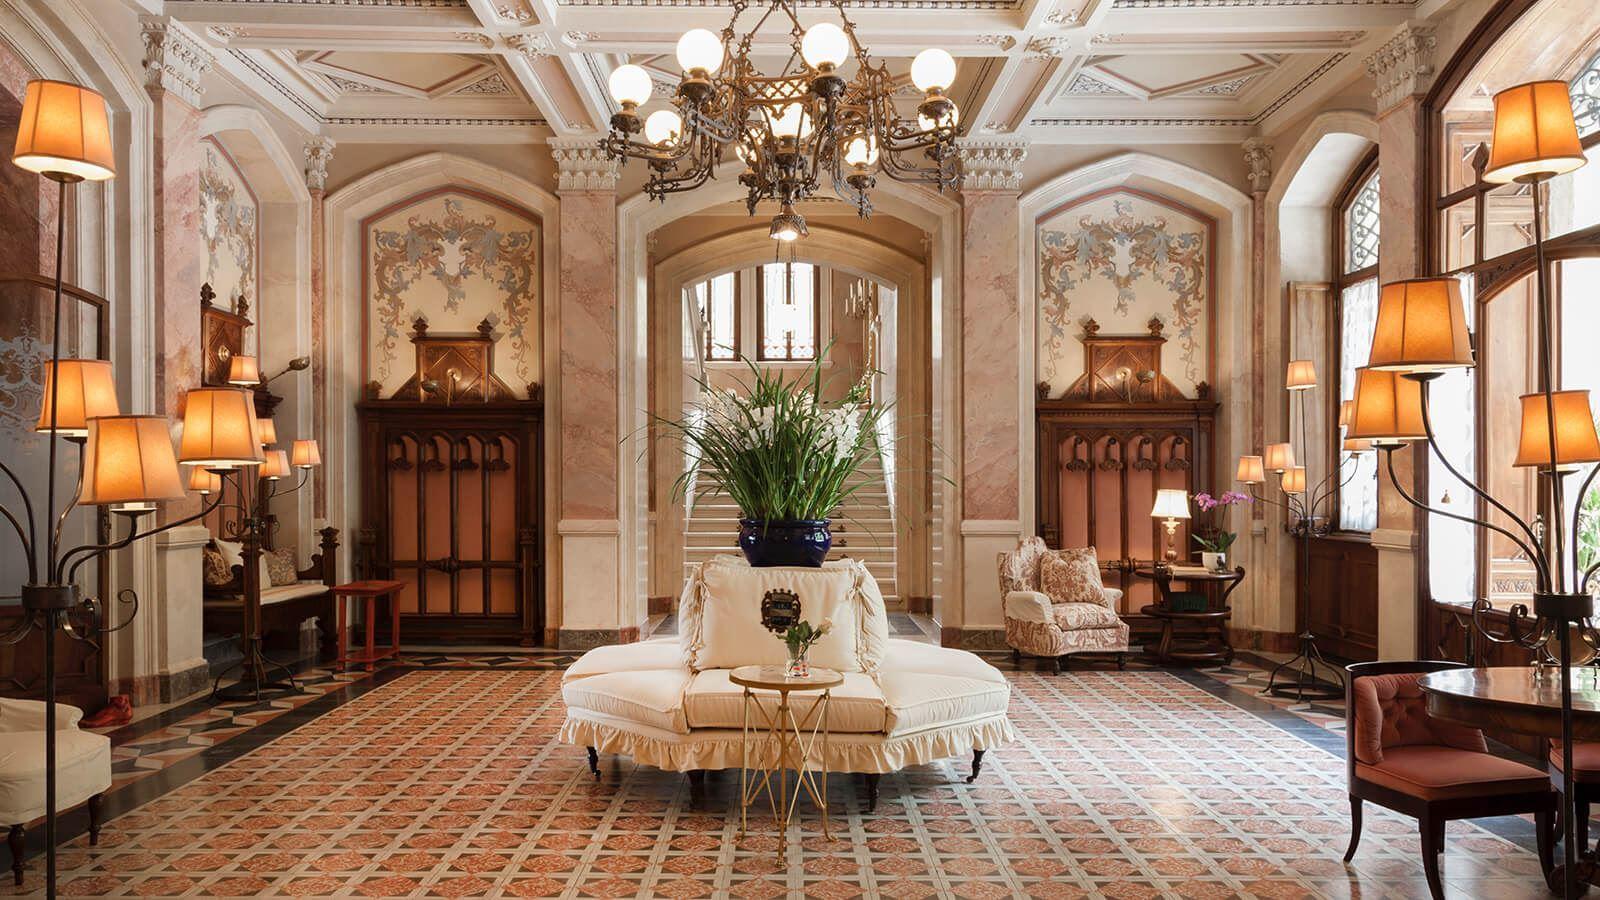 Grand Hotel a Villa Feltrinelli - The magnificent hall